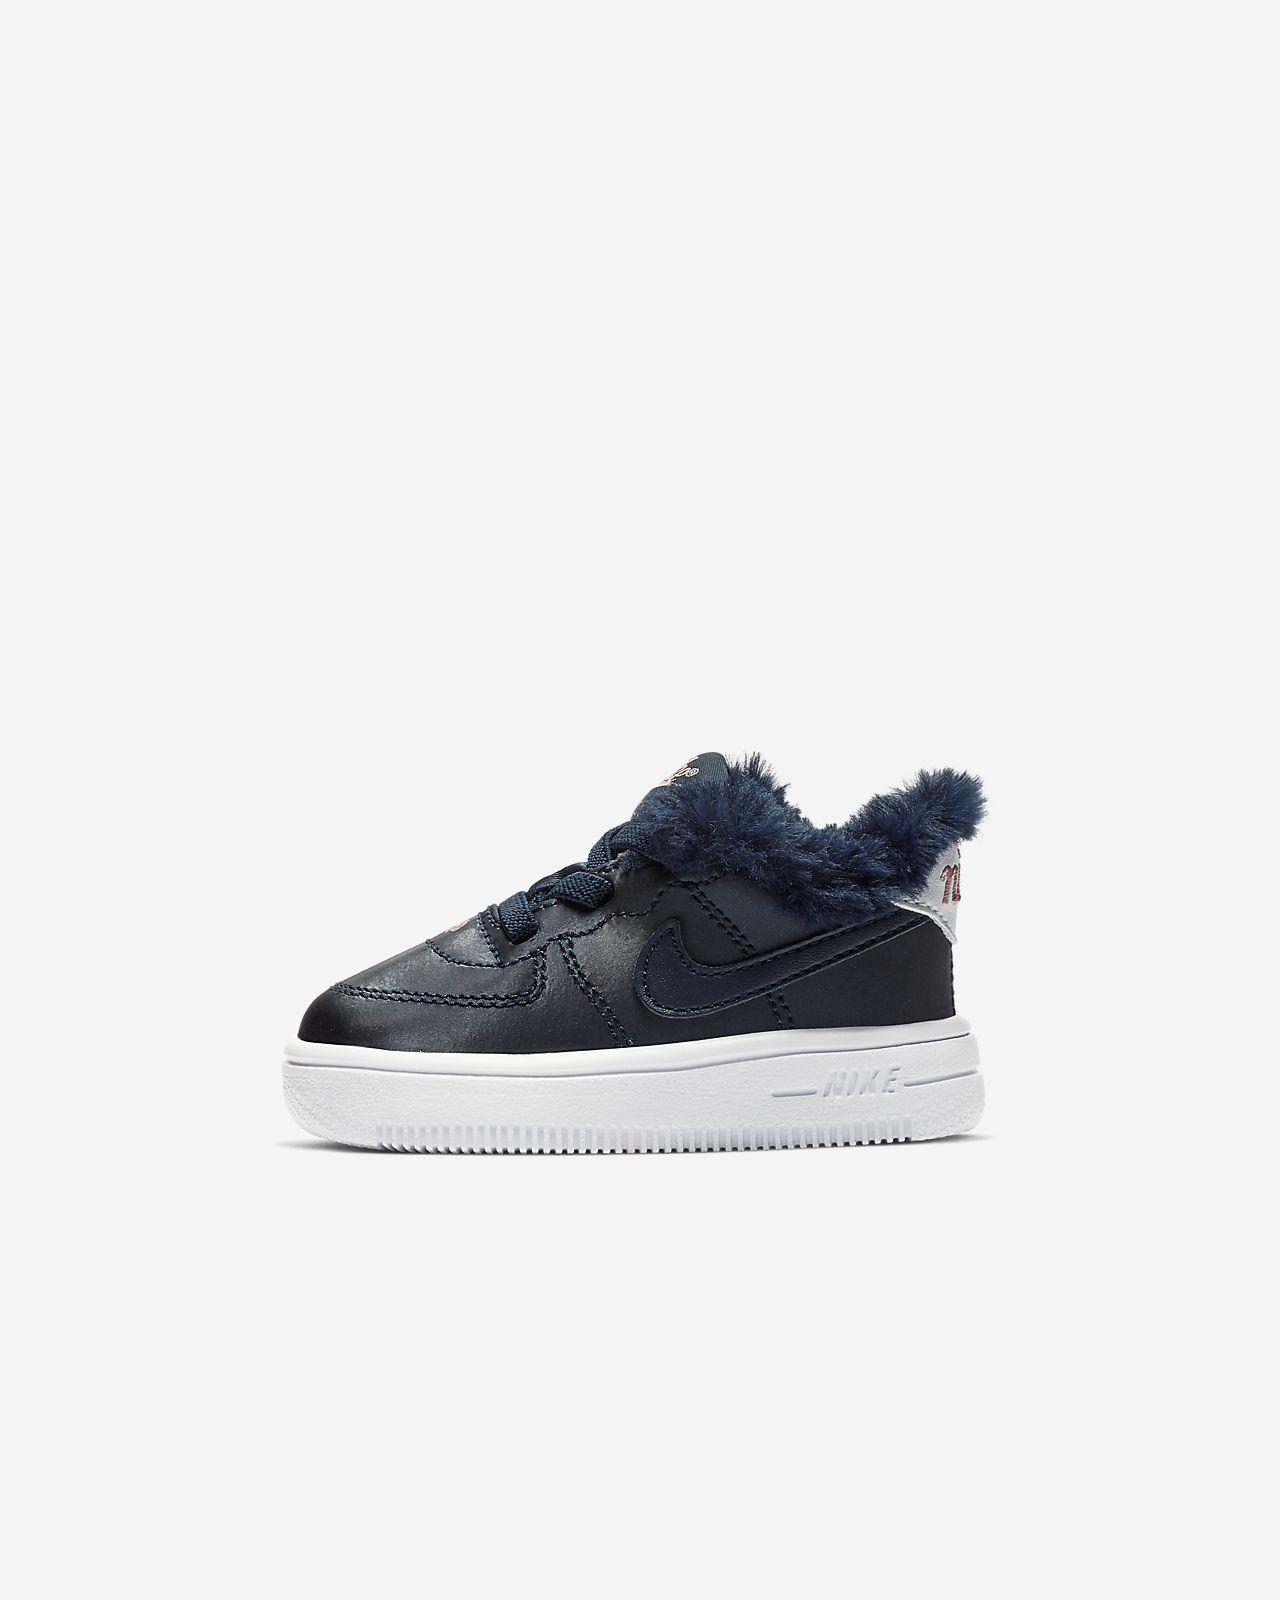 Sko Nike Force 1 VDAY för baby/små barn